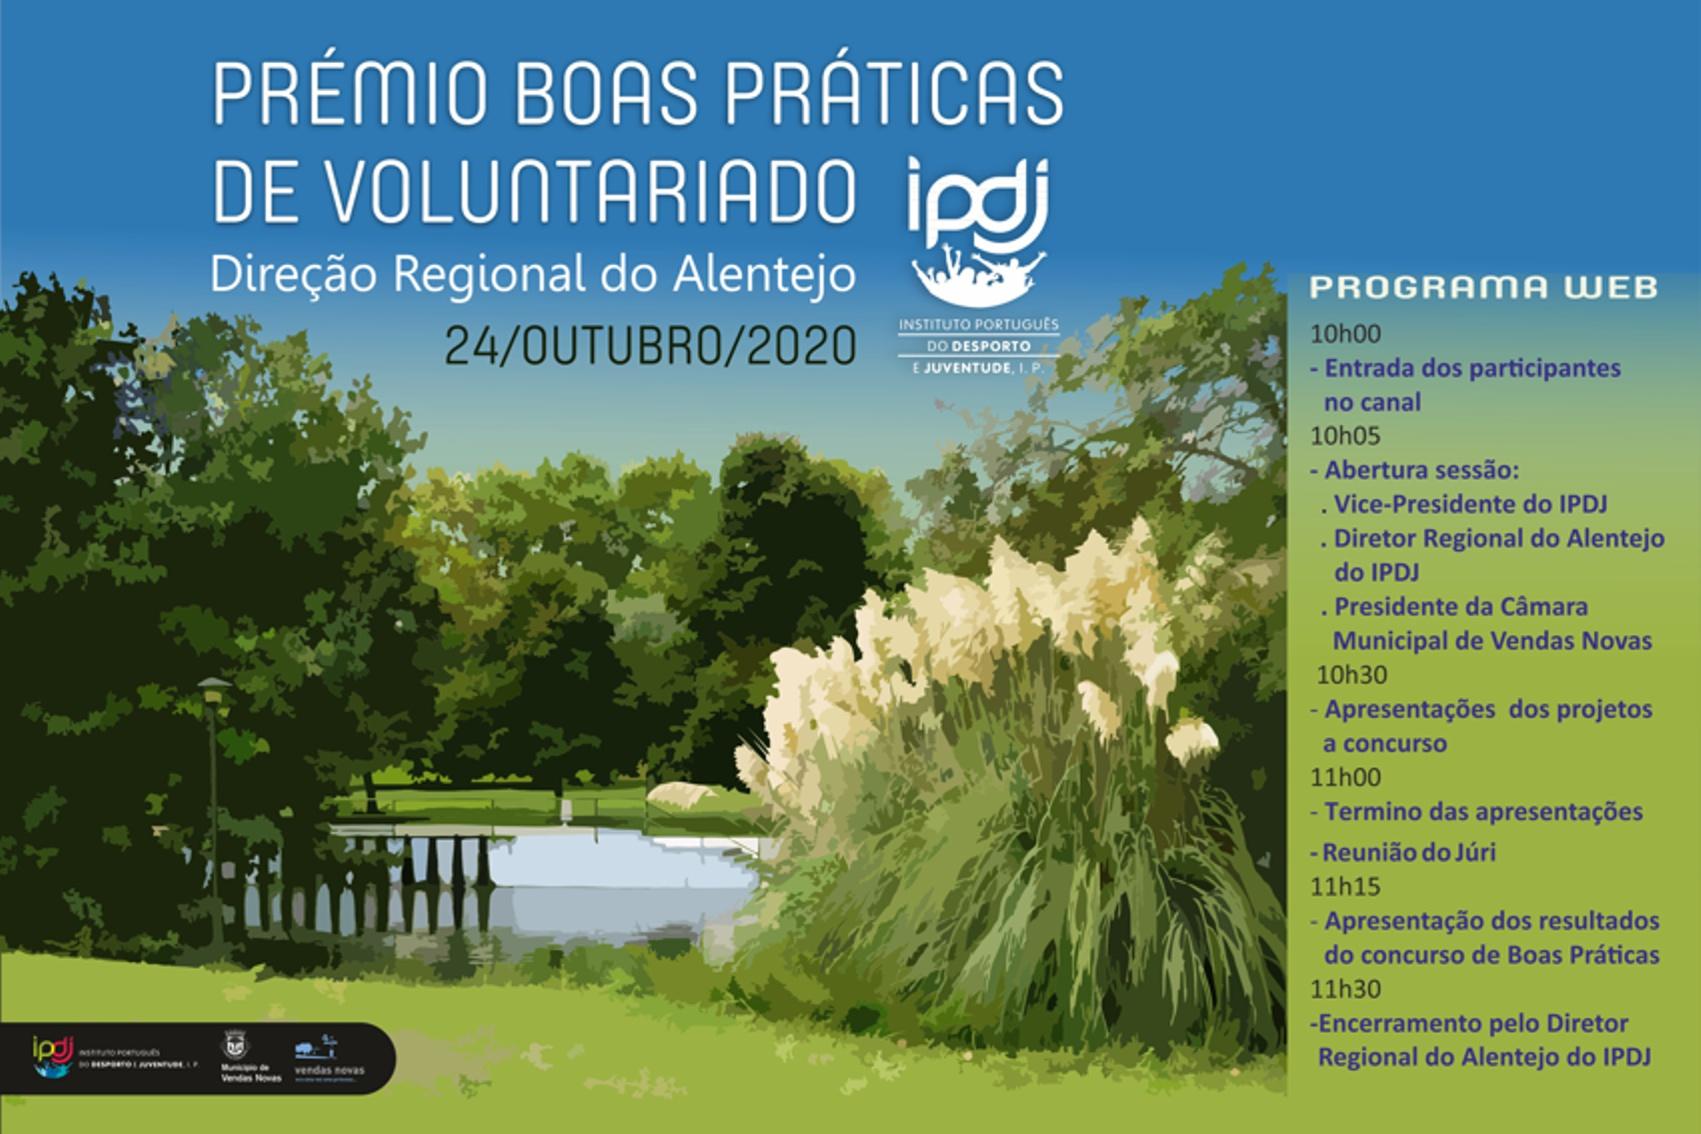 Imagem com programa do evento